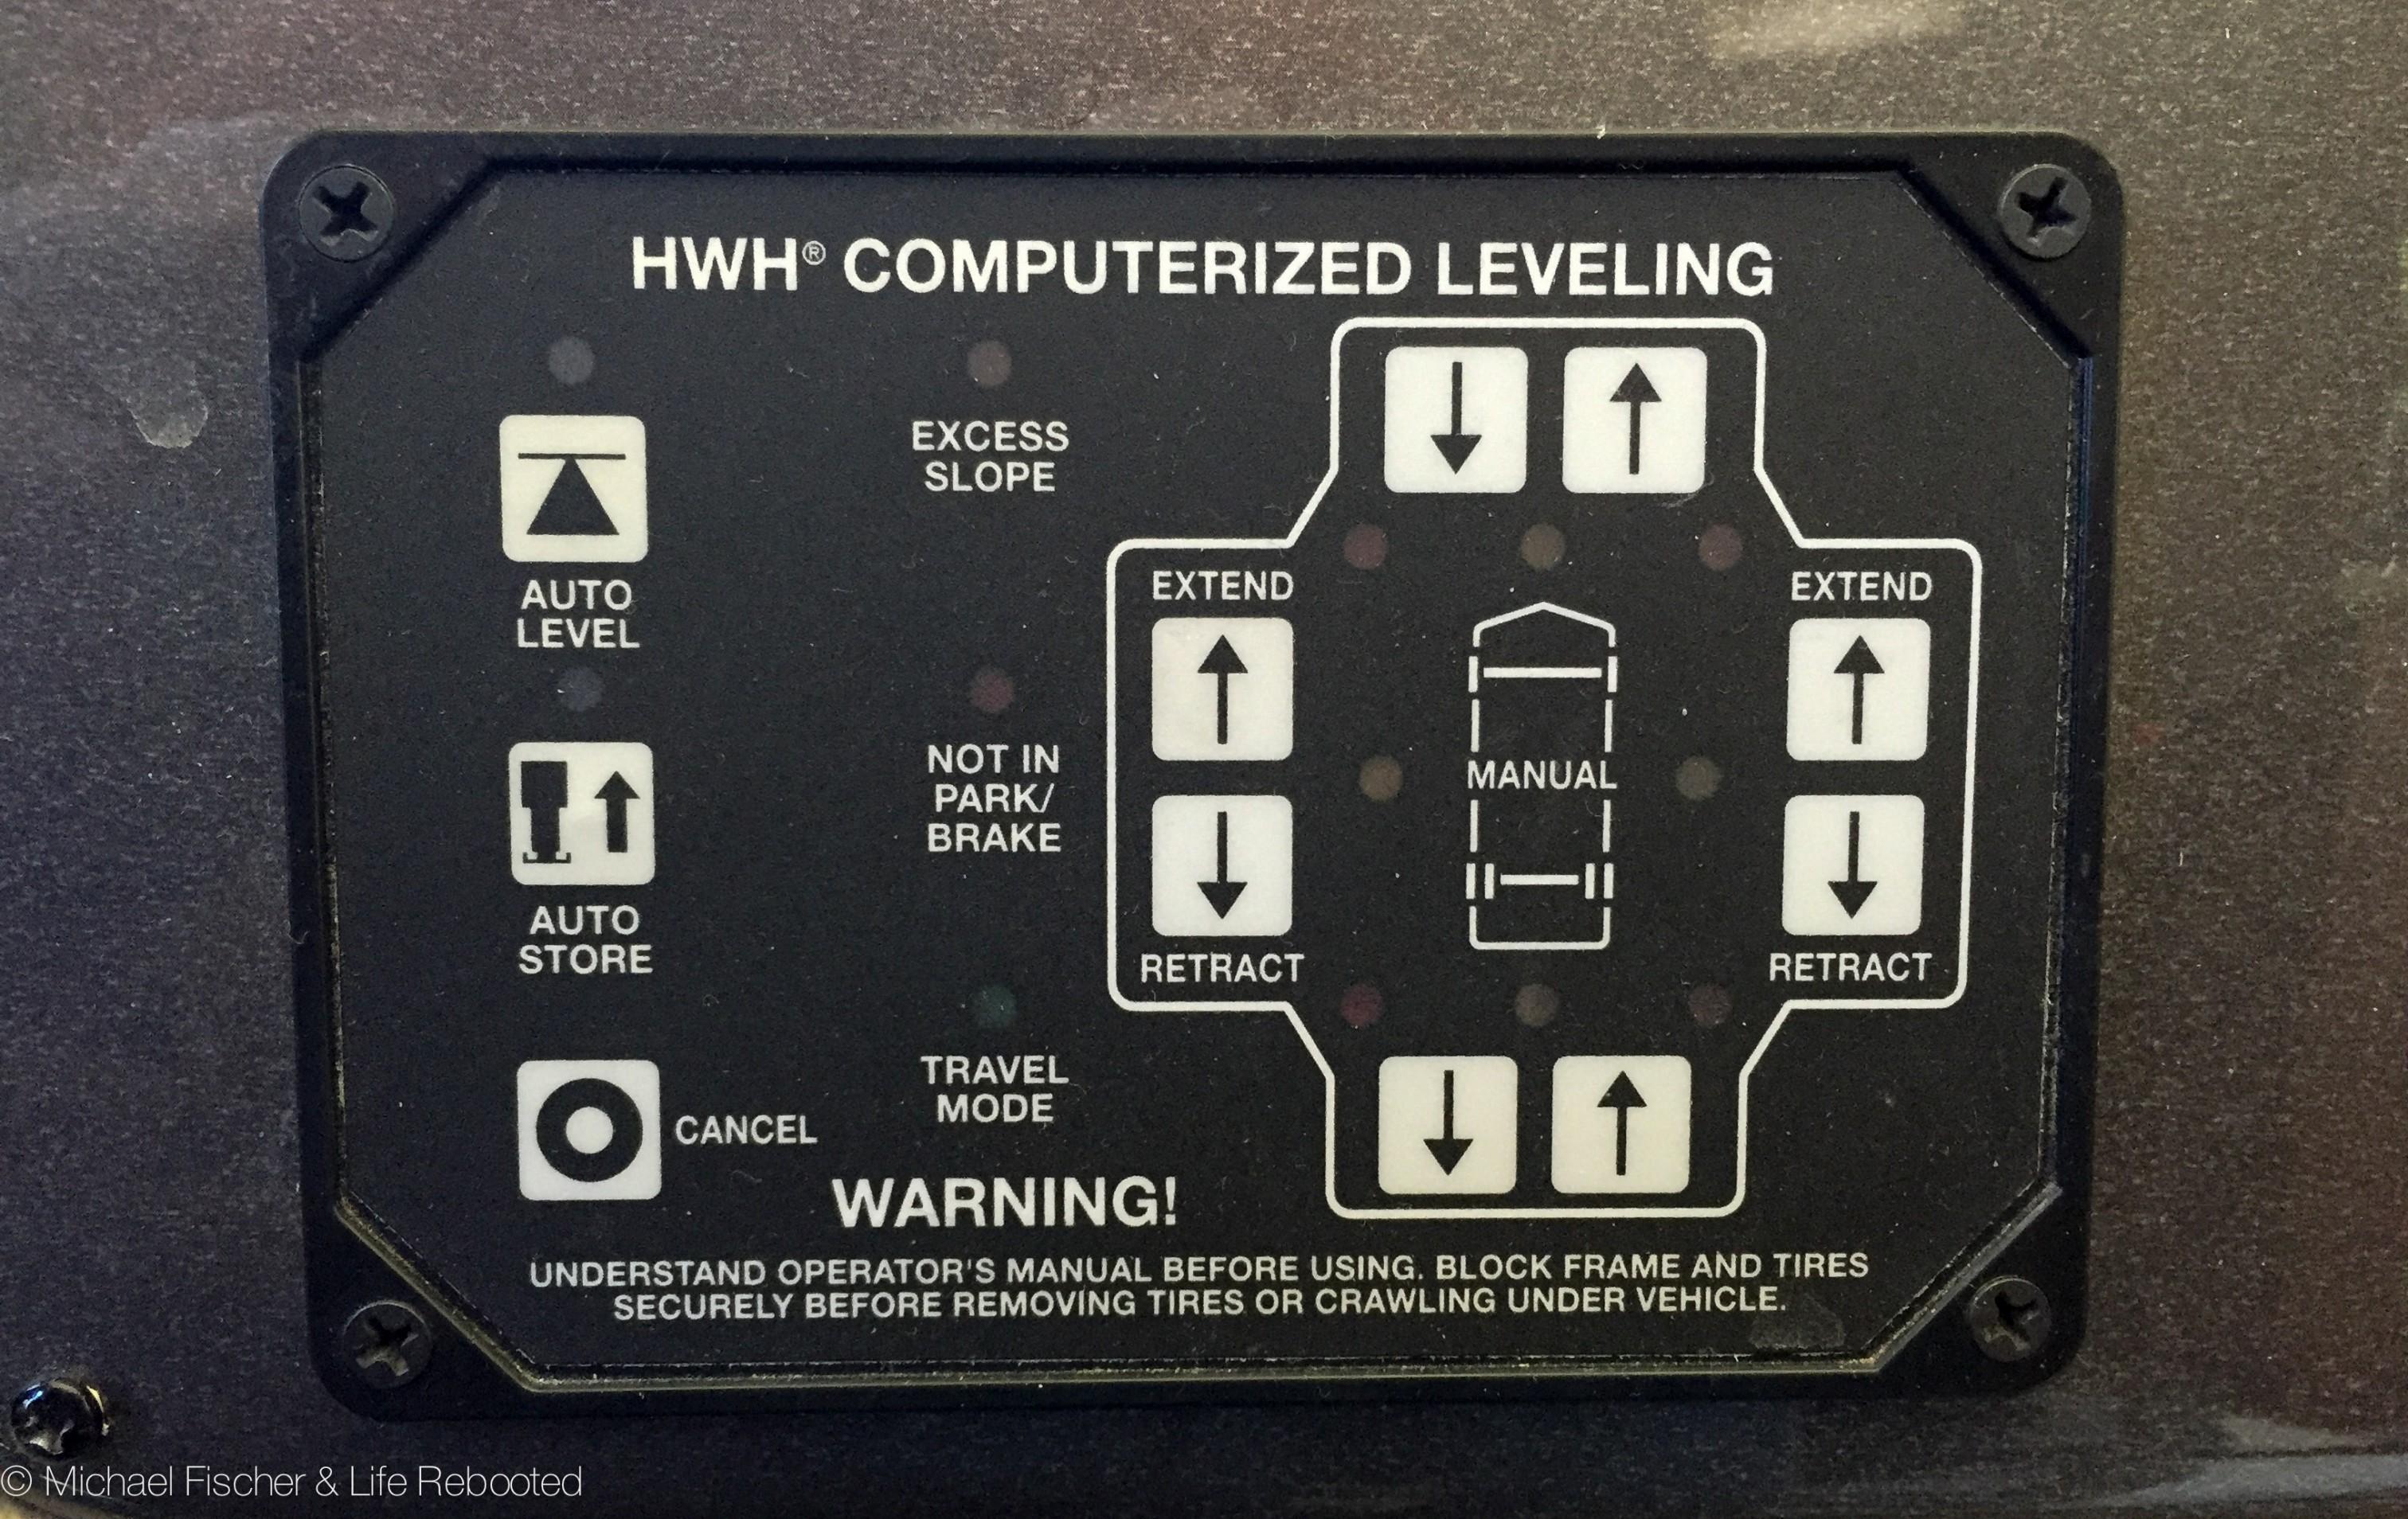 Life Rebooted – Adjusting HWH Leveling Jacks